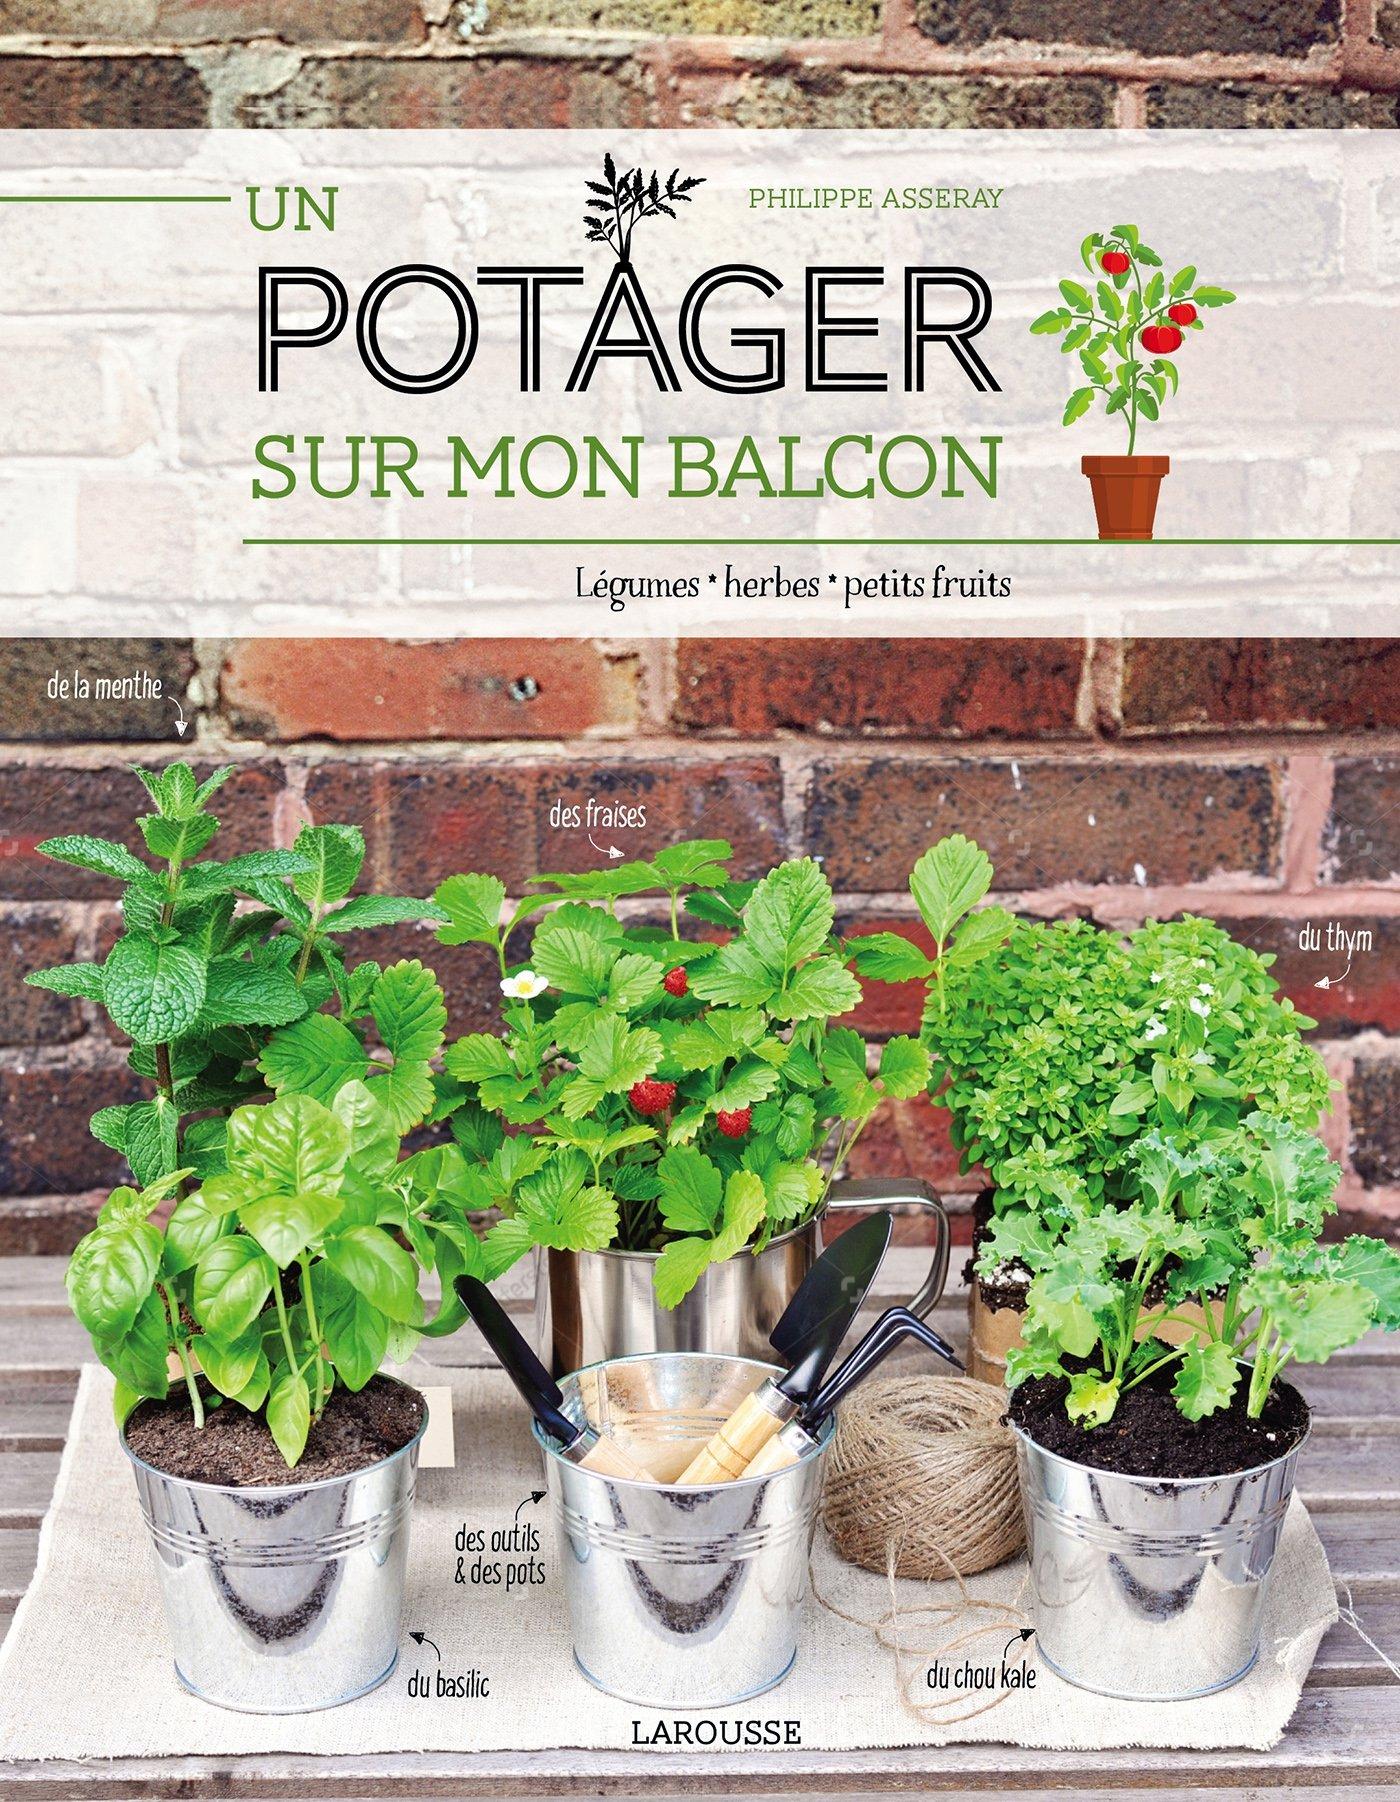 Un Potager Sur Le Balcon ? - Lecture, Cuisine Et Photographie à Un Jardin Sur Mon Balcon